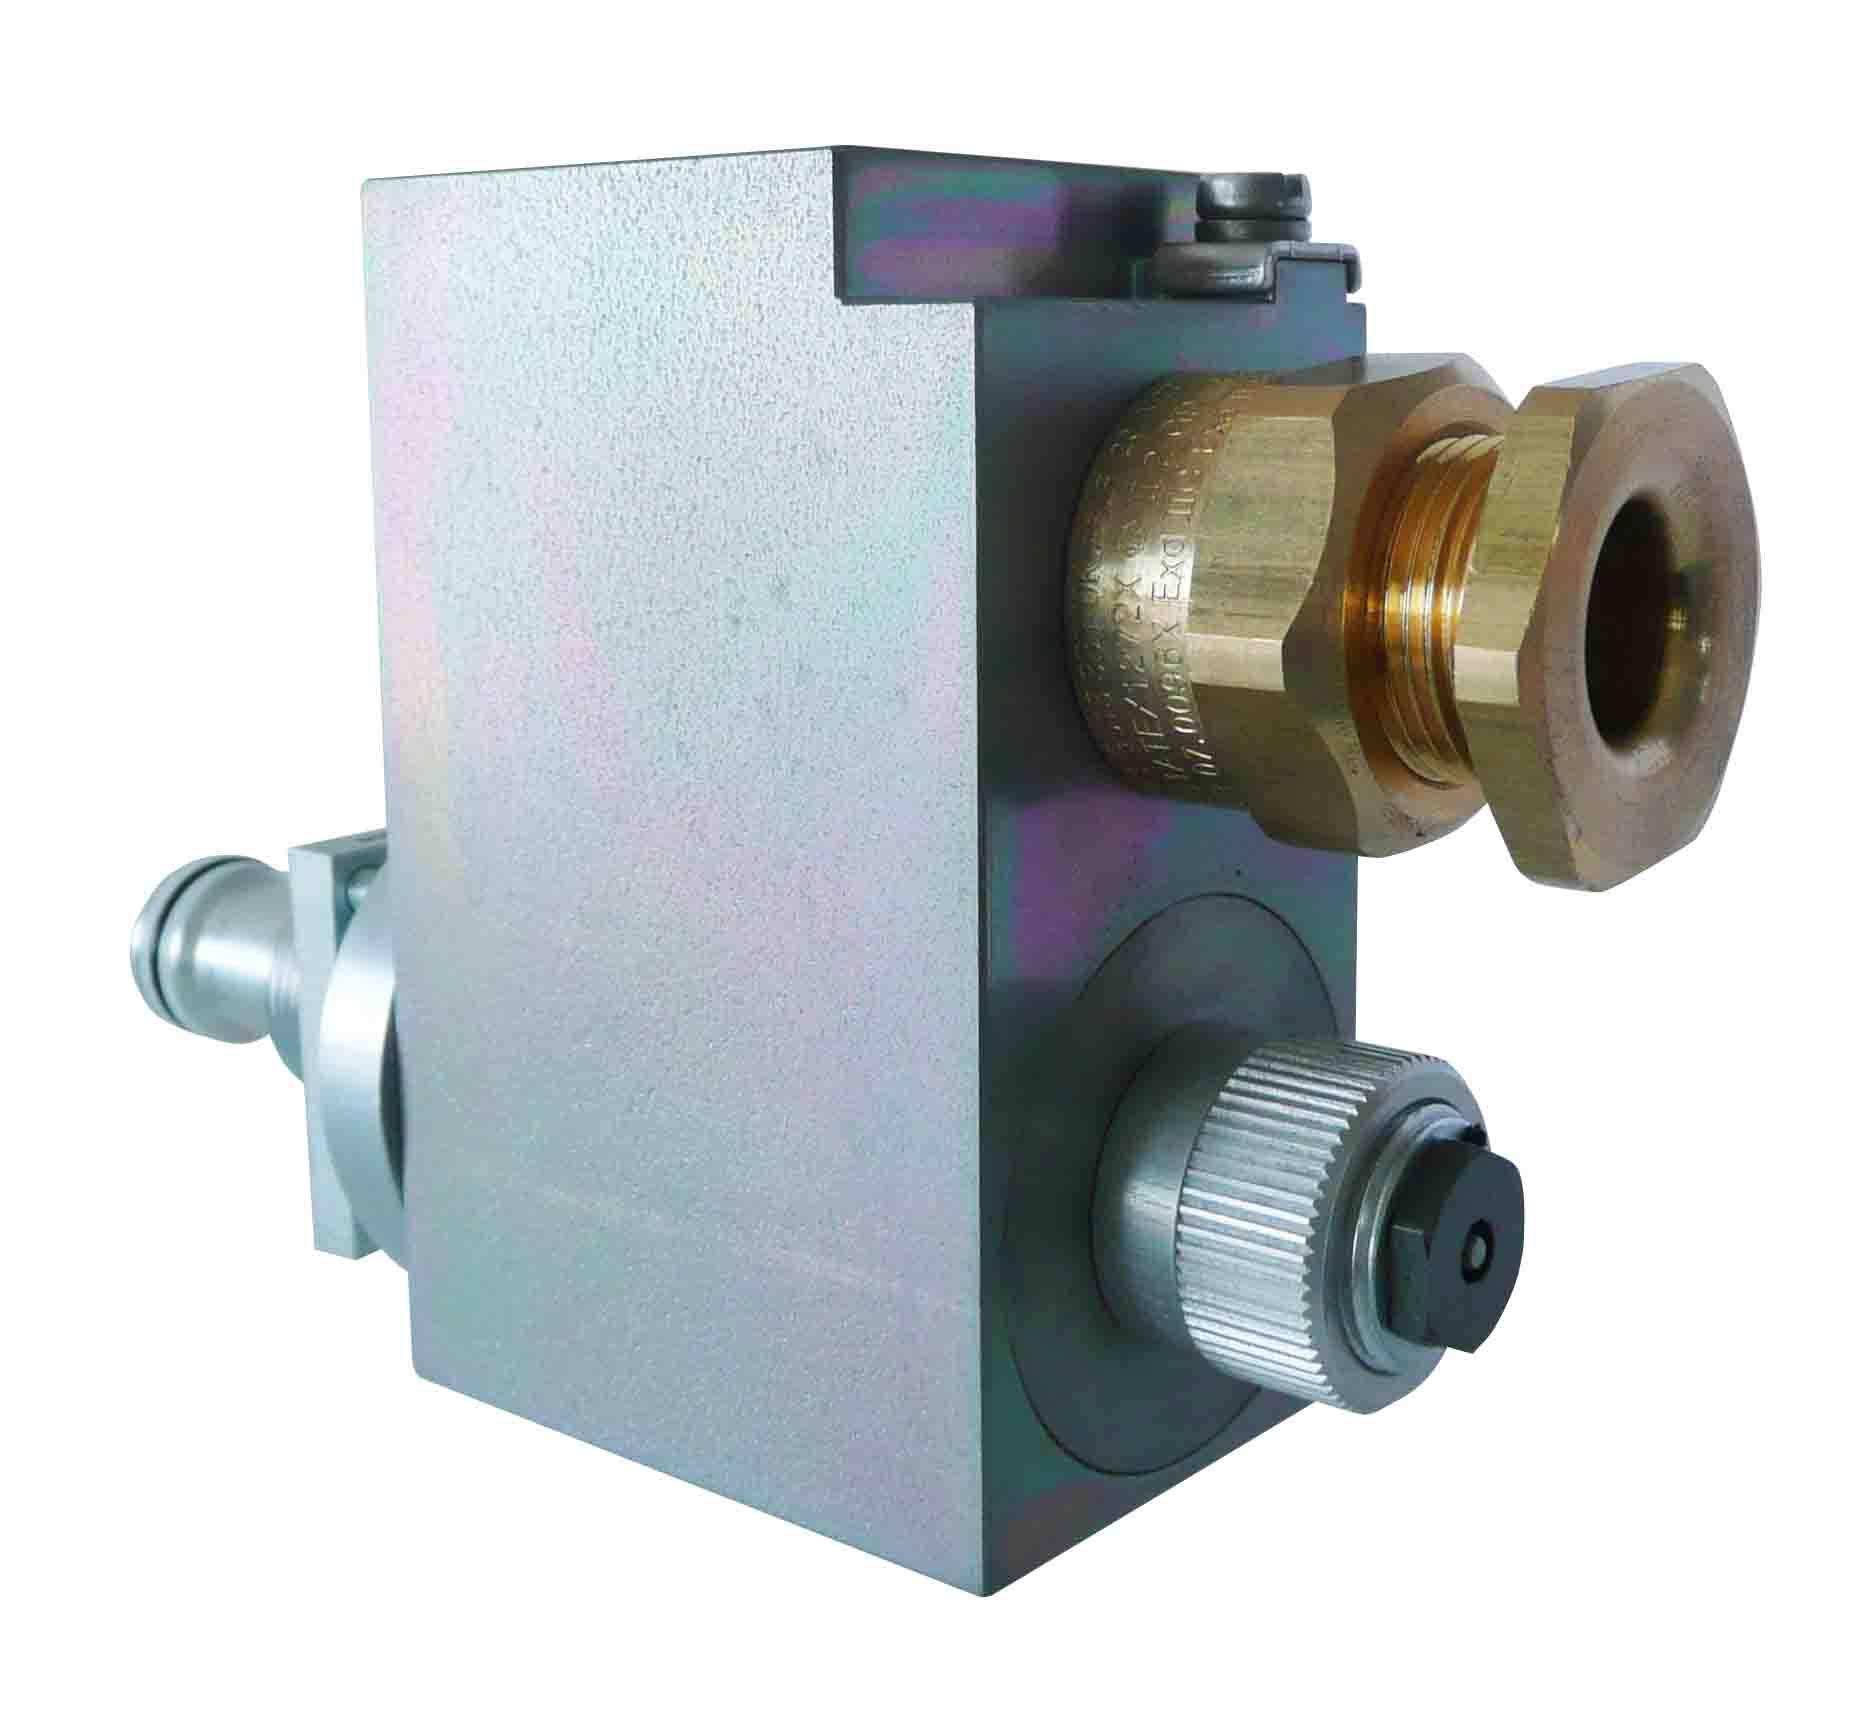 Proporcionální pojistný ventil do výbušného prostředí Technická data pojistného ventilu BDBPM22 s ne...